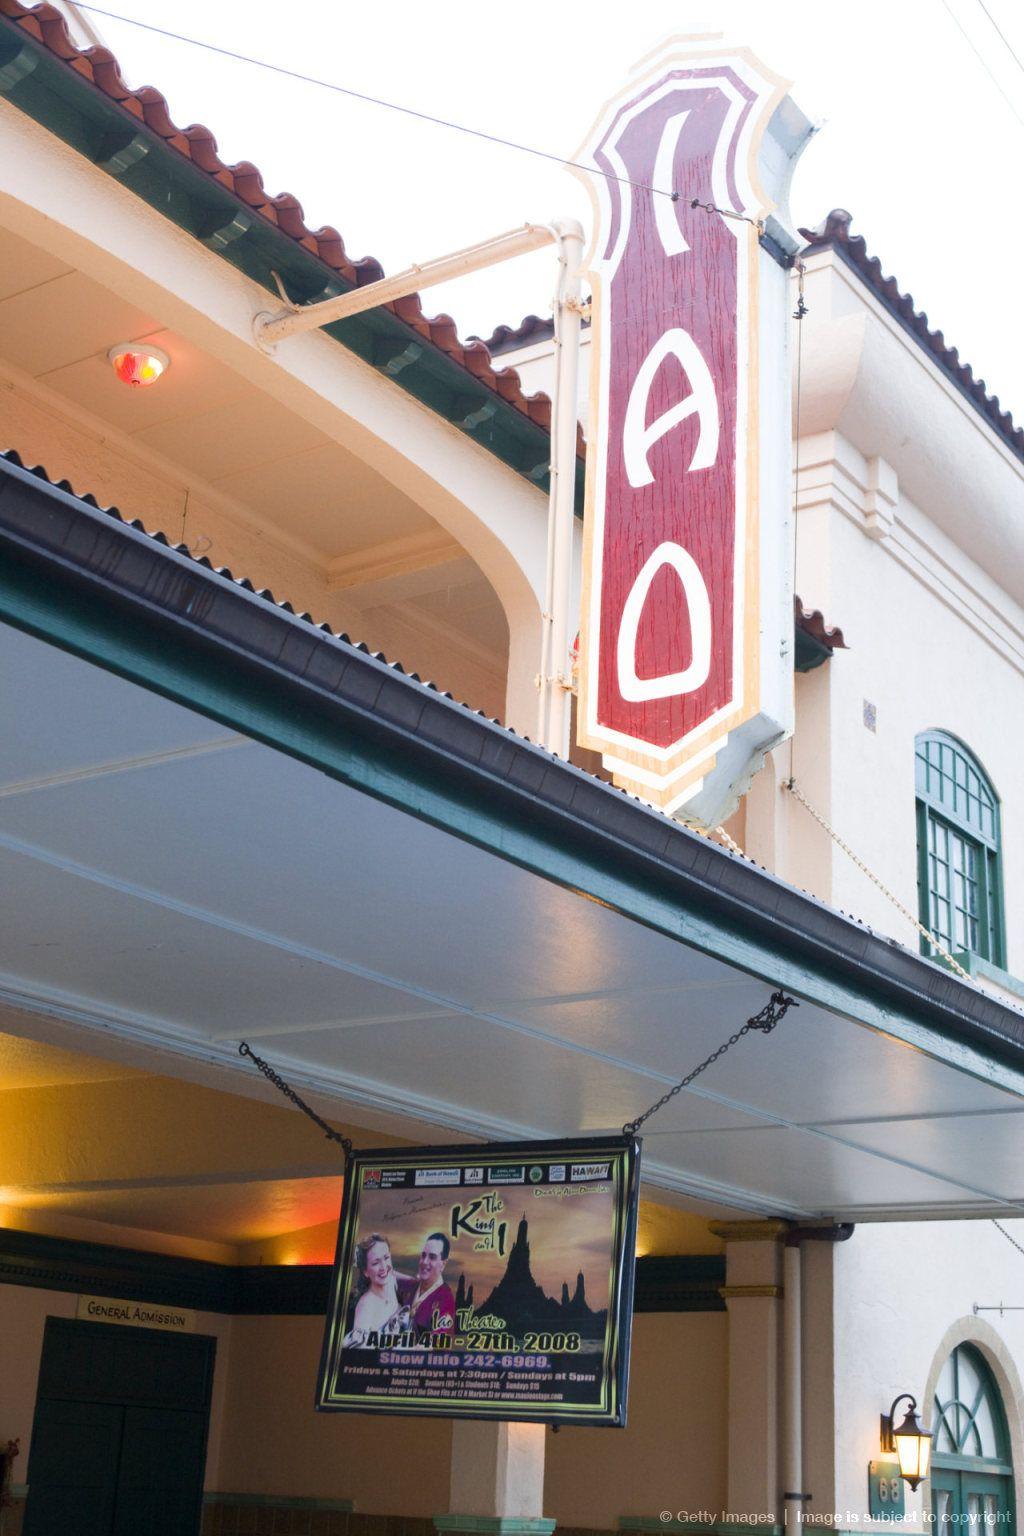 Iao Theatre, Wailuku, Central Maui. (With images) Maui